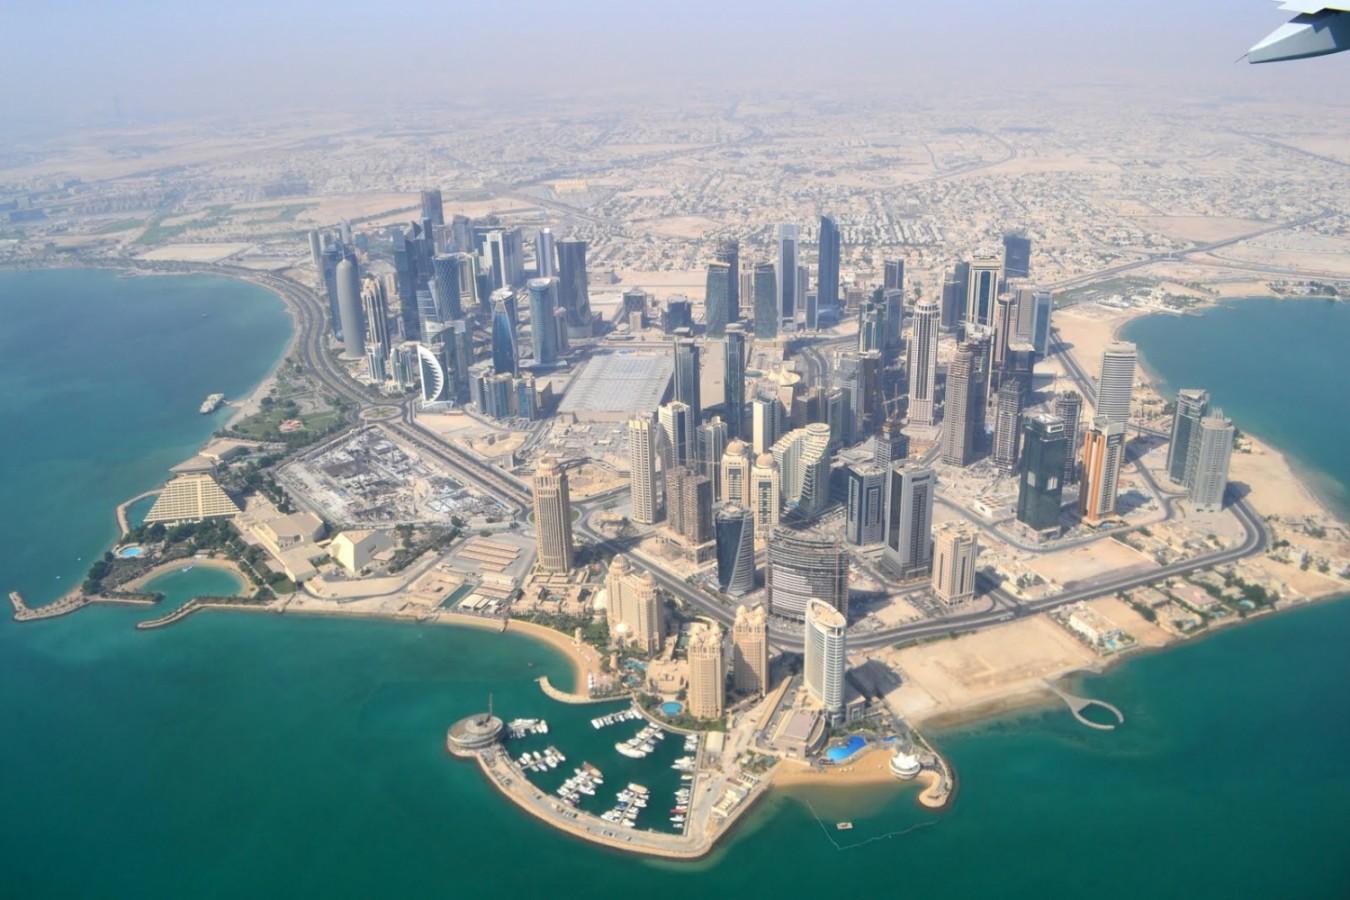 Bevezetés Katarba – Így (ne) vállalj munkát!